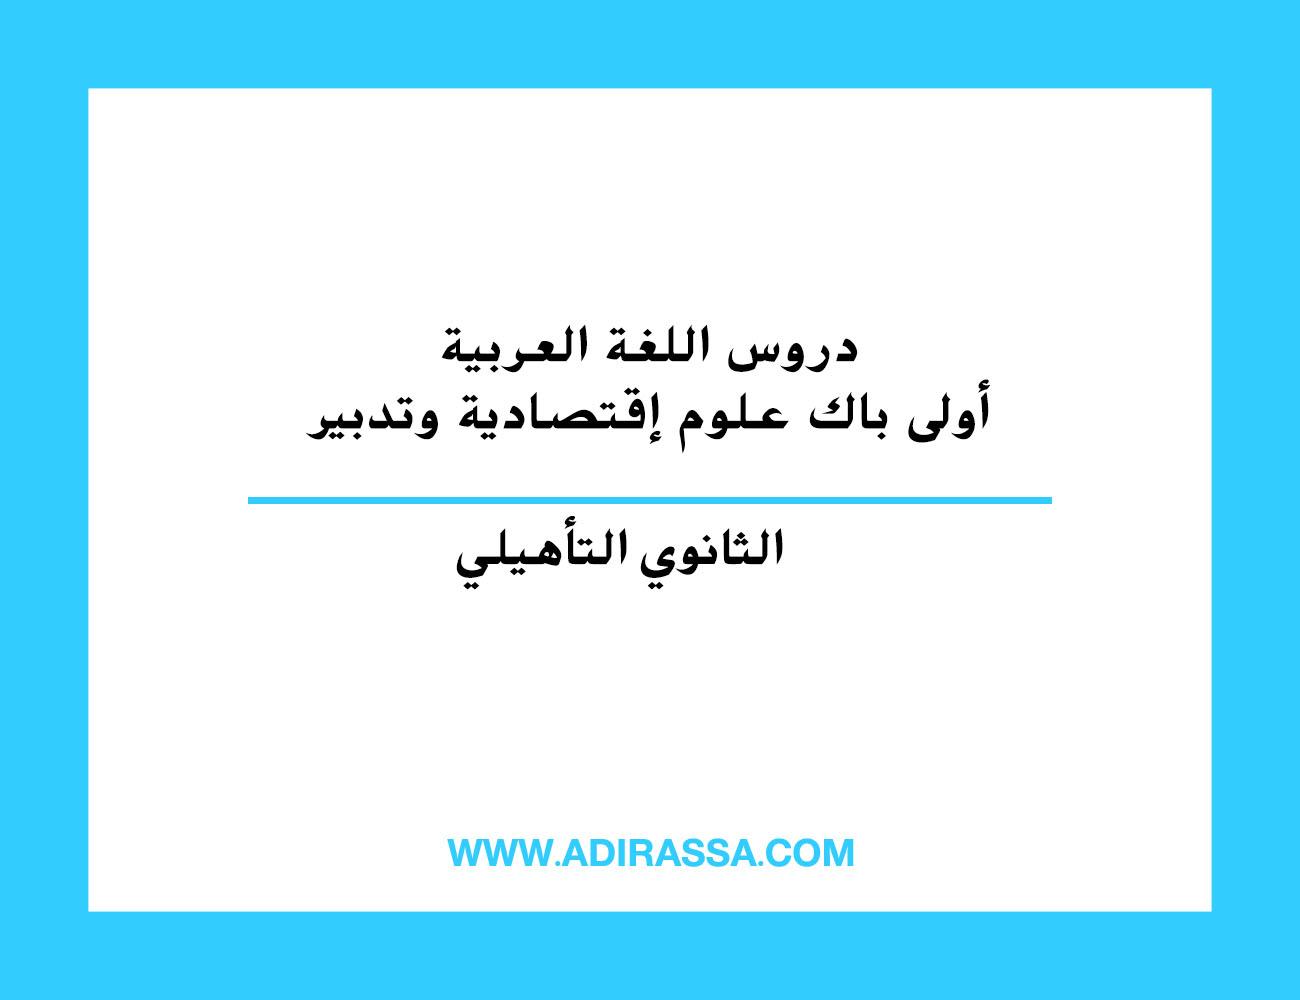 دروس اللغة العربية أولى باكالوريا علوم إقتصادية وتدبير المقررة في المغرب